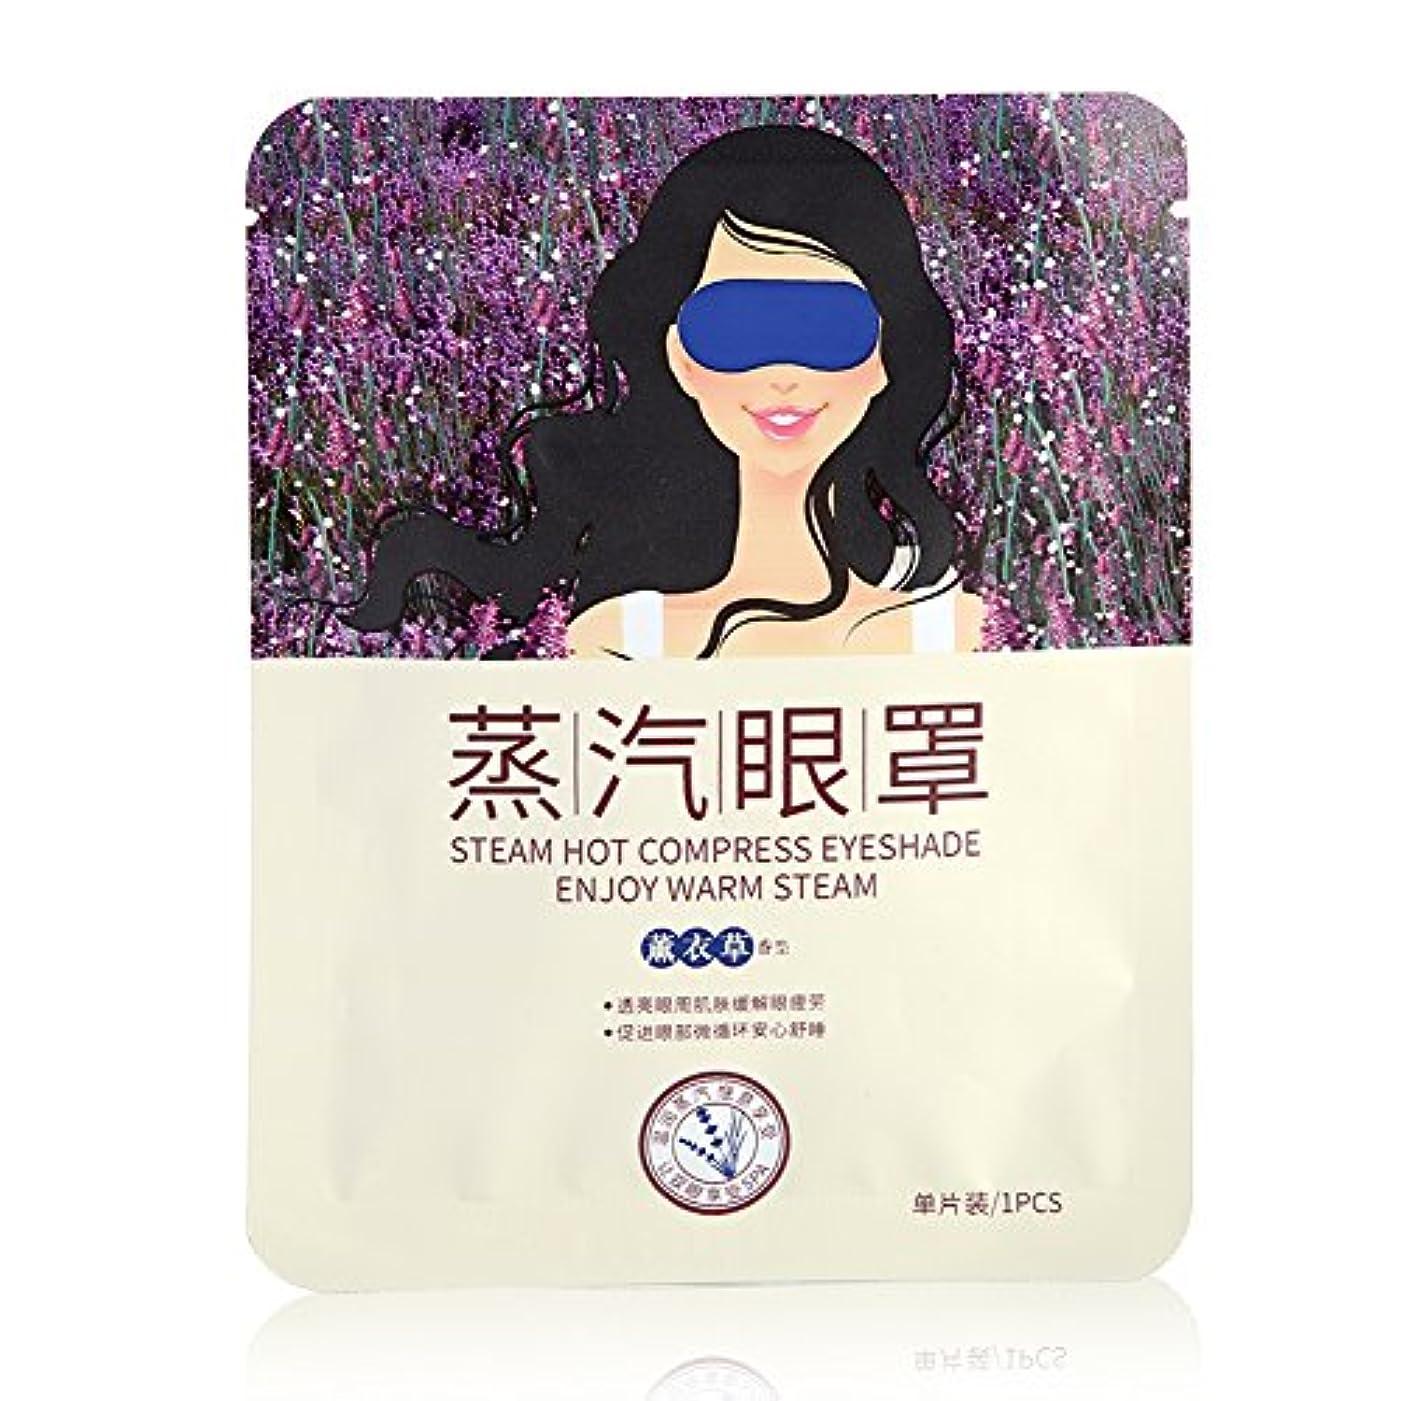 故障中正当なオフEboxer 蒸気でホットアイマスク ラベンダーの香り 目もとを温めく 軽量 目の疲れ解消 男女通用 安眠 圧迫感なし 遮光 睡眠 ストレス解消